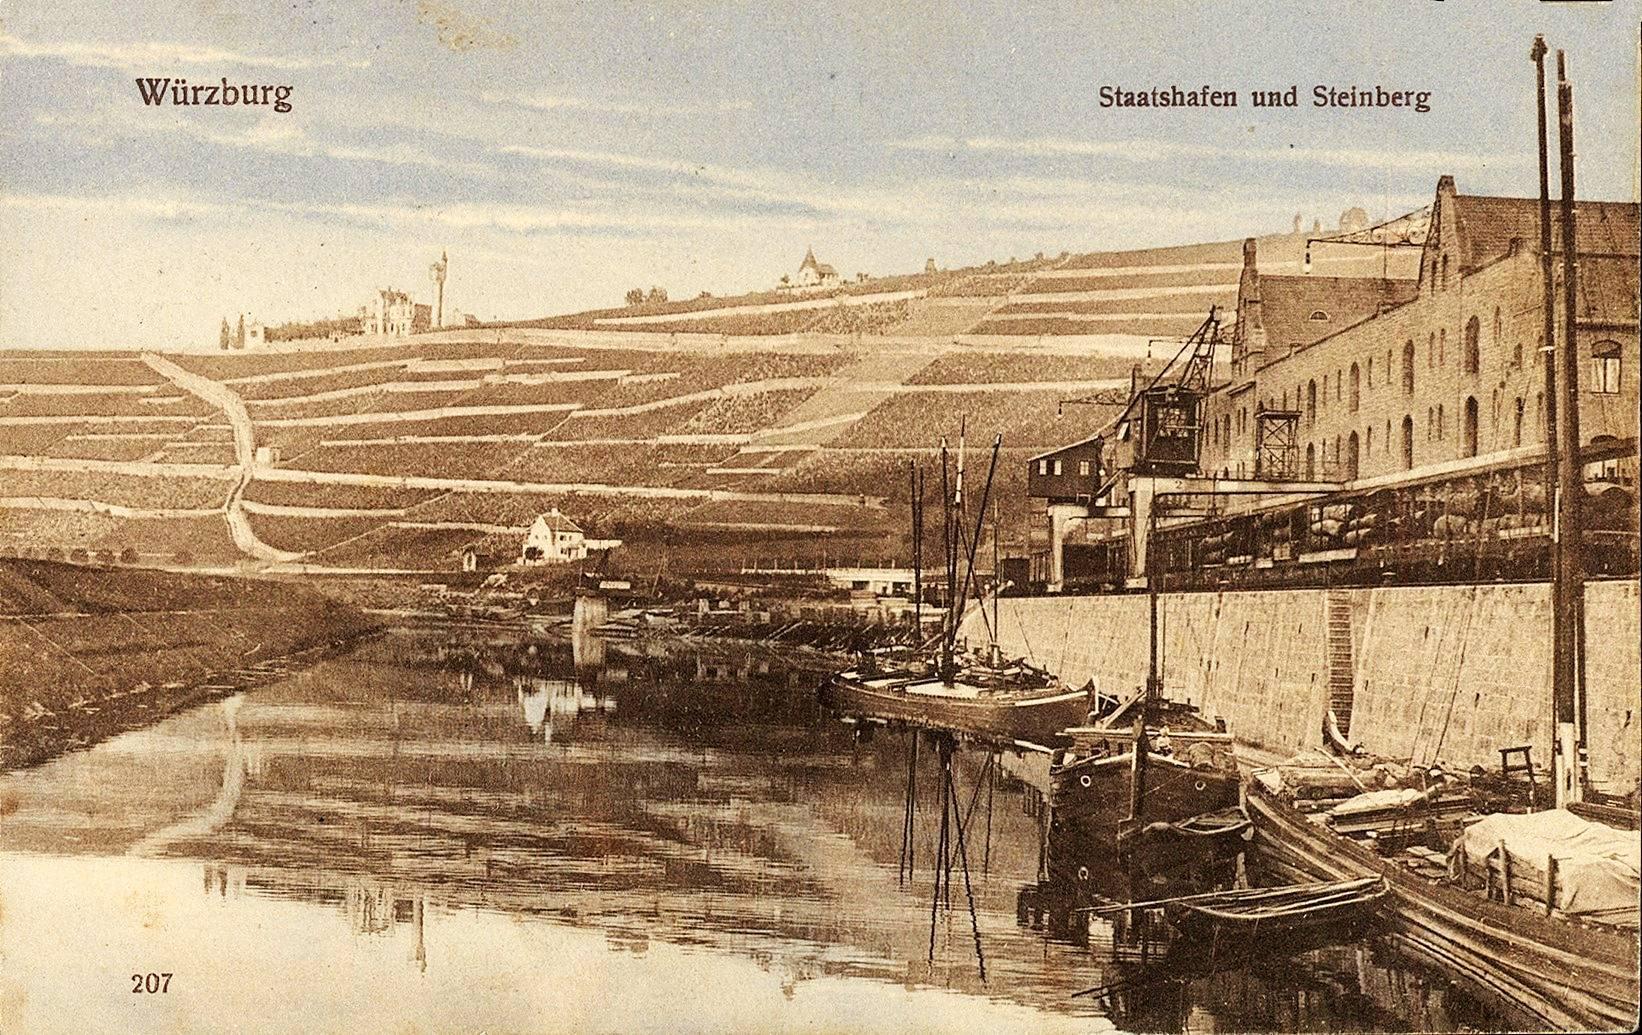 Der Alte Hafen in Würzburg in 1900. Foto: Archiv Willi Dürrnagel